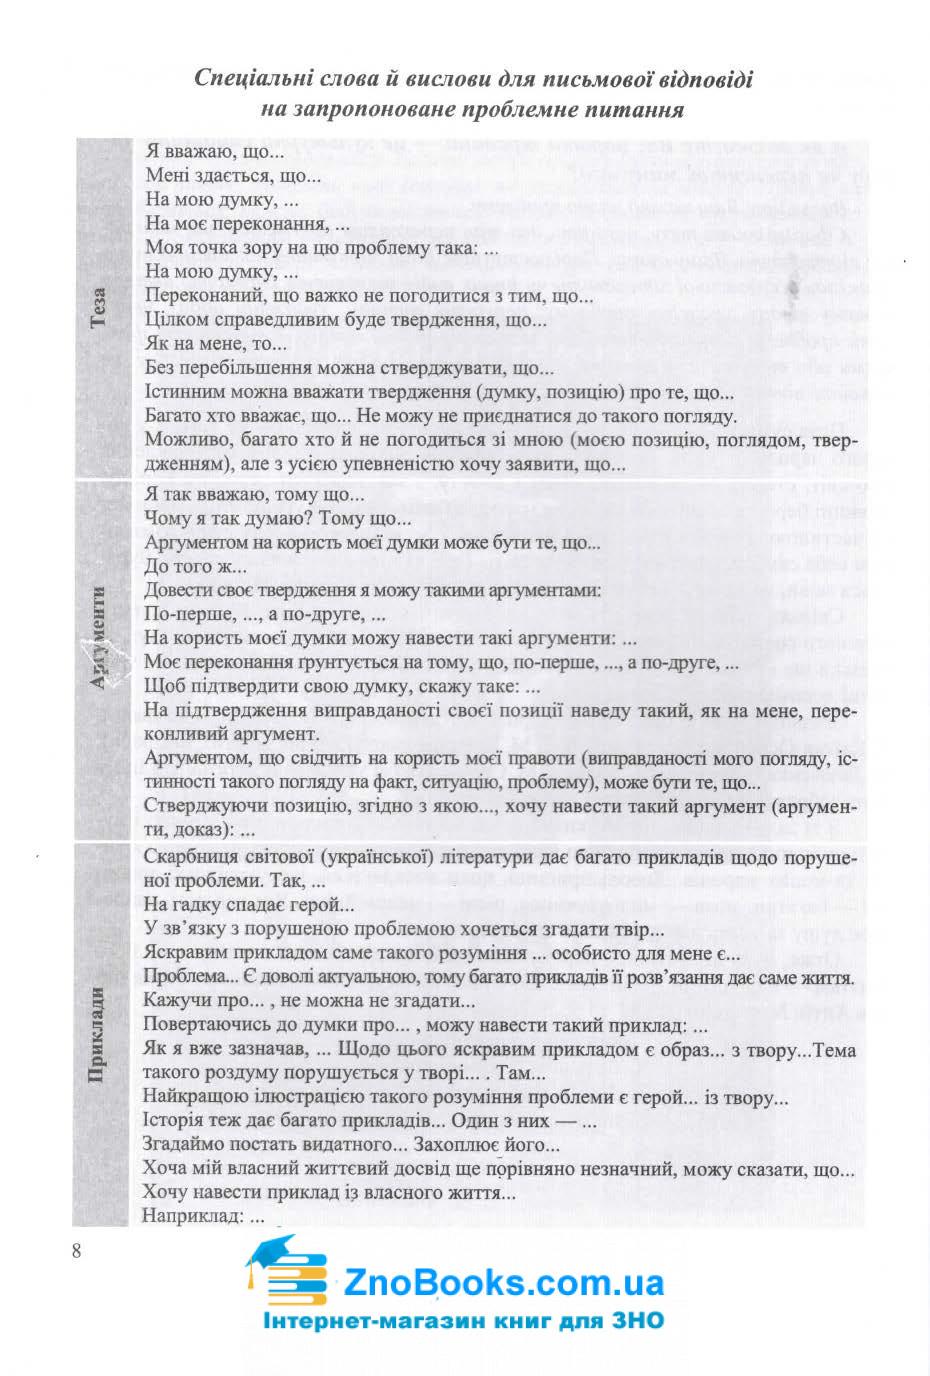 Завдання відкритої форми з розгорнутою письмовою відповіддю. Українська мова ЗНО 2021 : Готевич С. 8